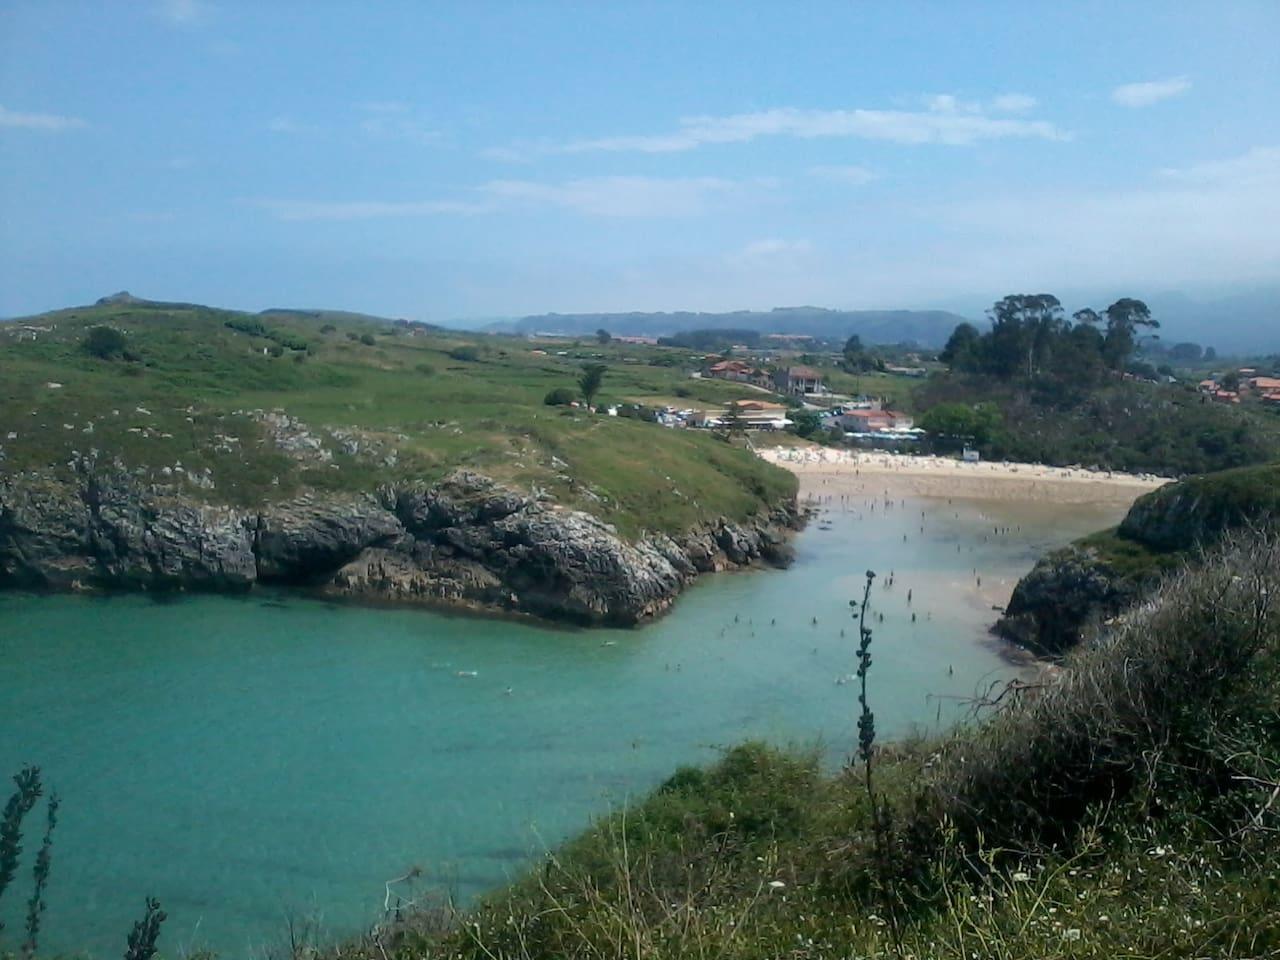 Poo De Llanes beach